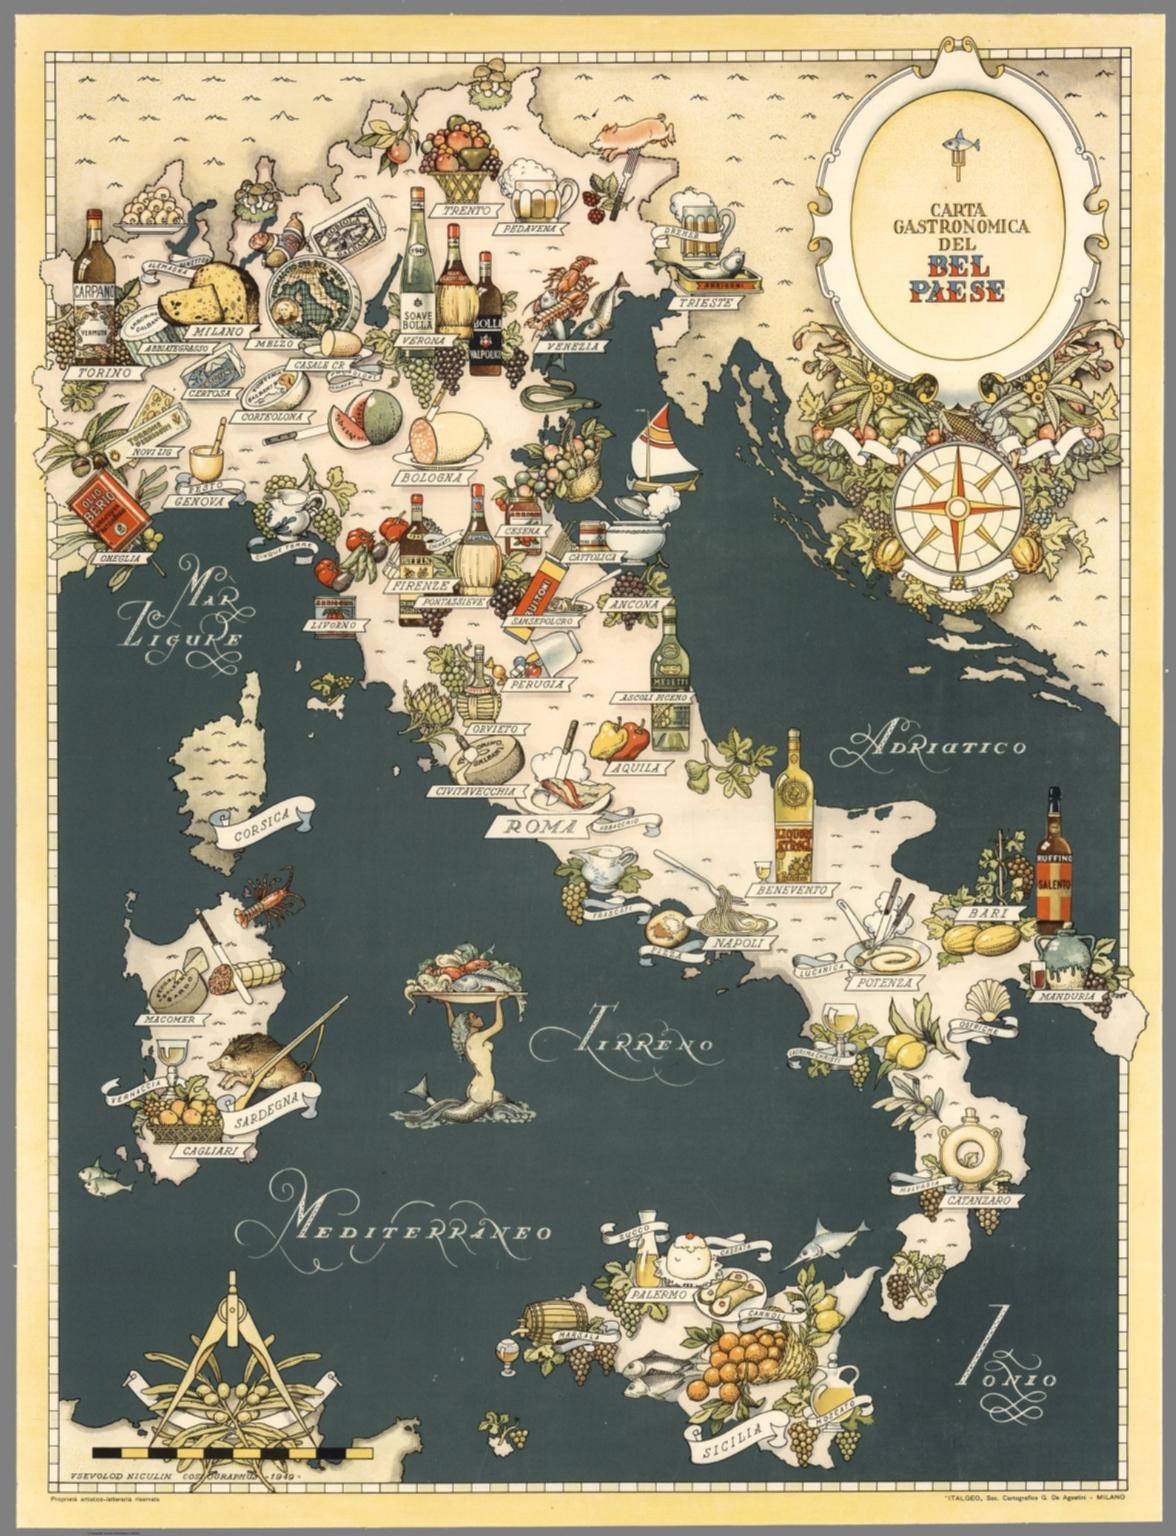 Carta Gastronomica del Bel Paese, 1949 autore: Vsevolod Niculin Cosmographus editore: ITALGEO., Soc. Cartografica G. De. Agostini (Italia)